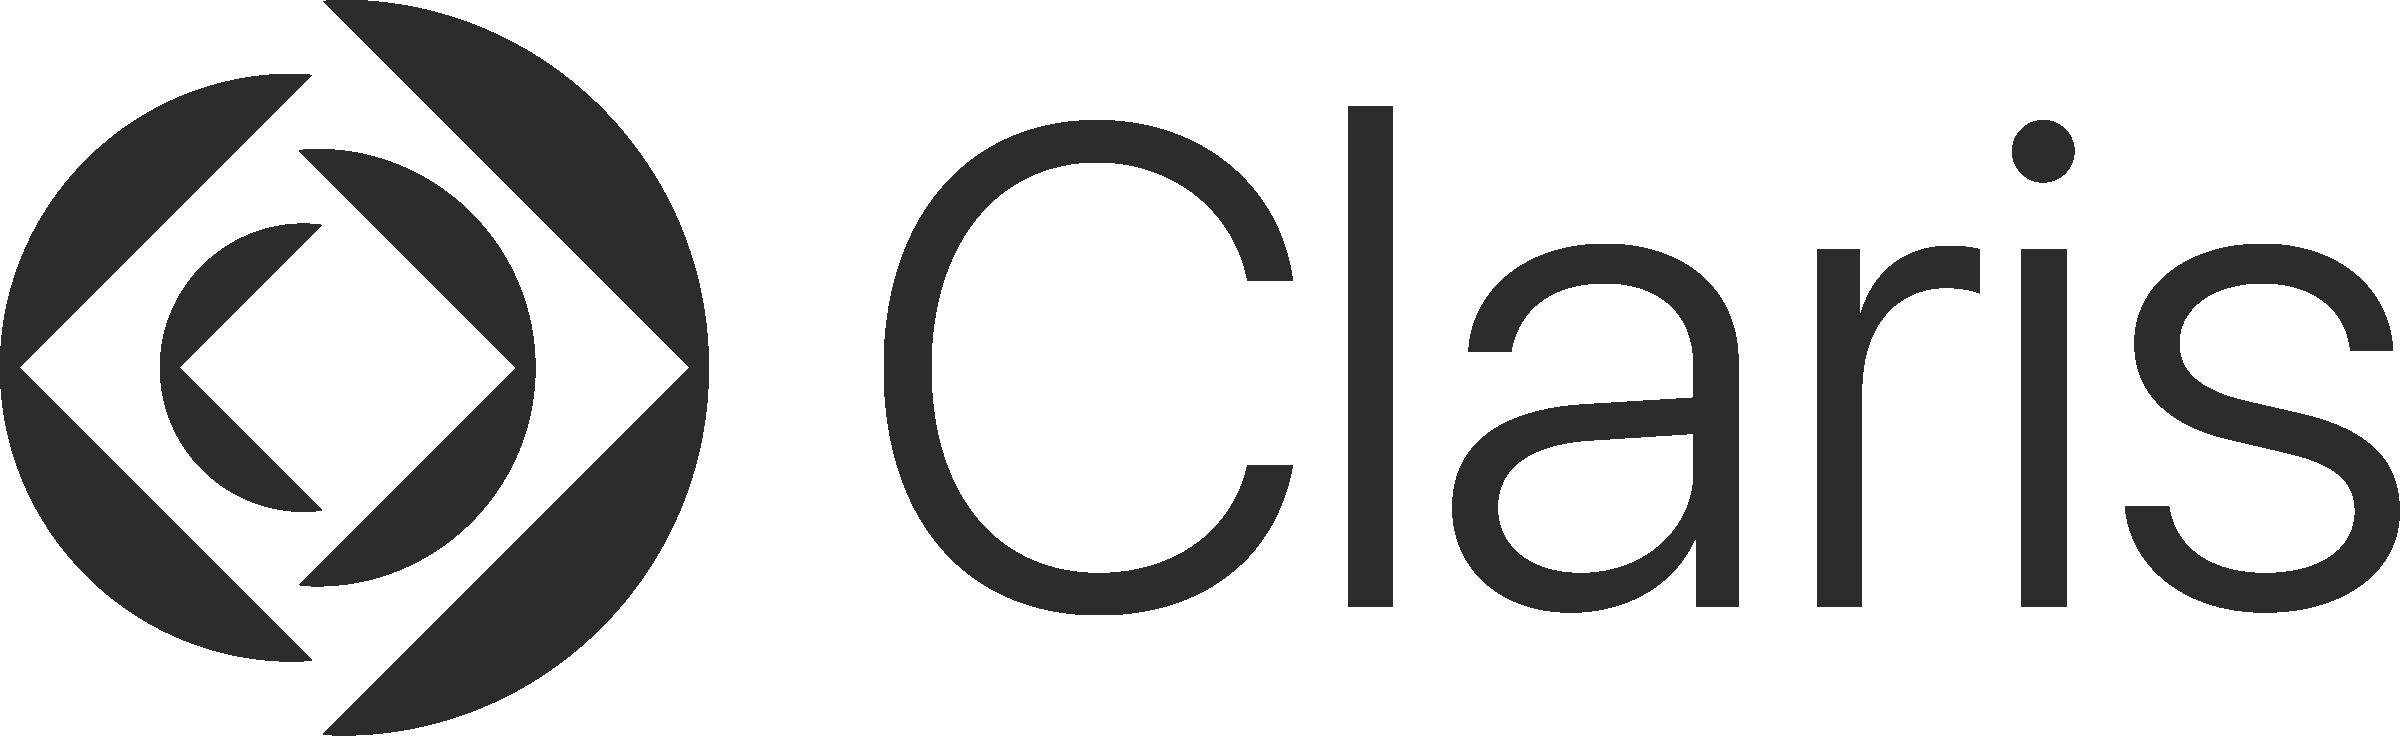 Claris FileMaker logo